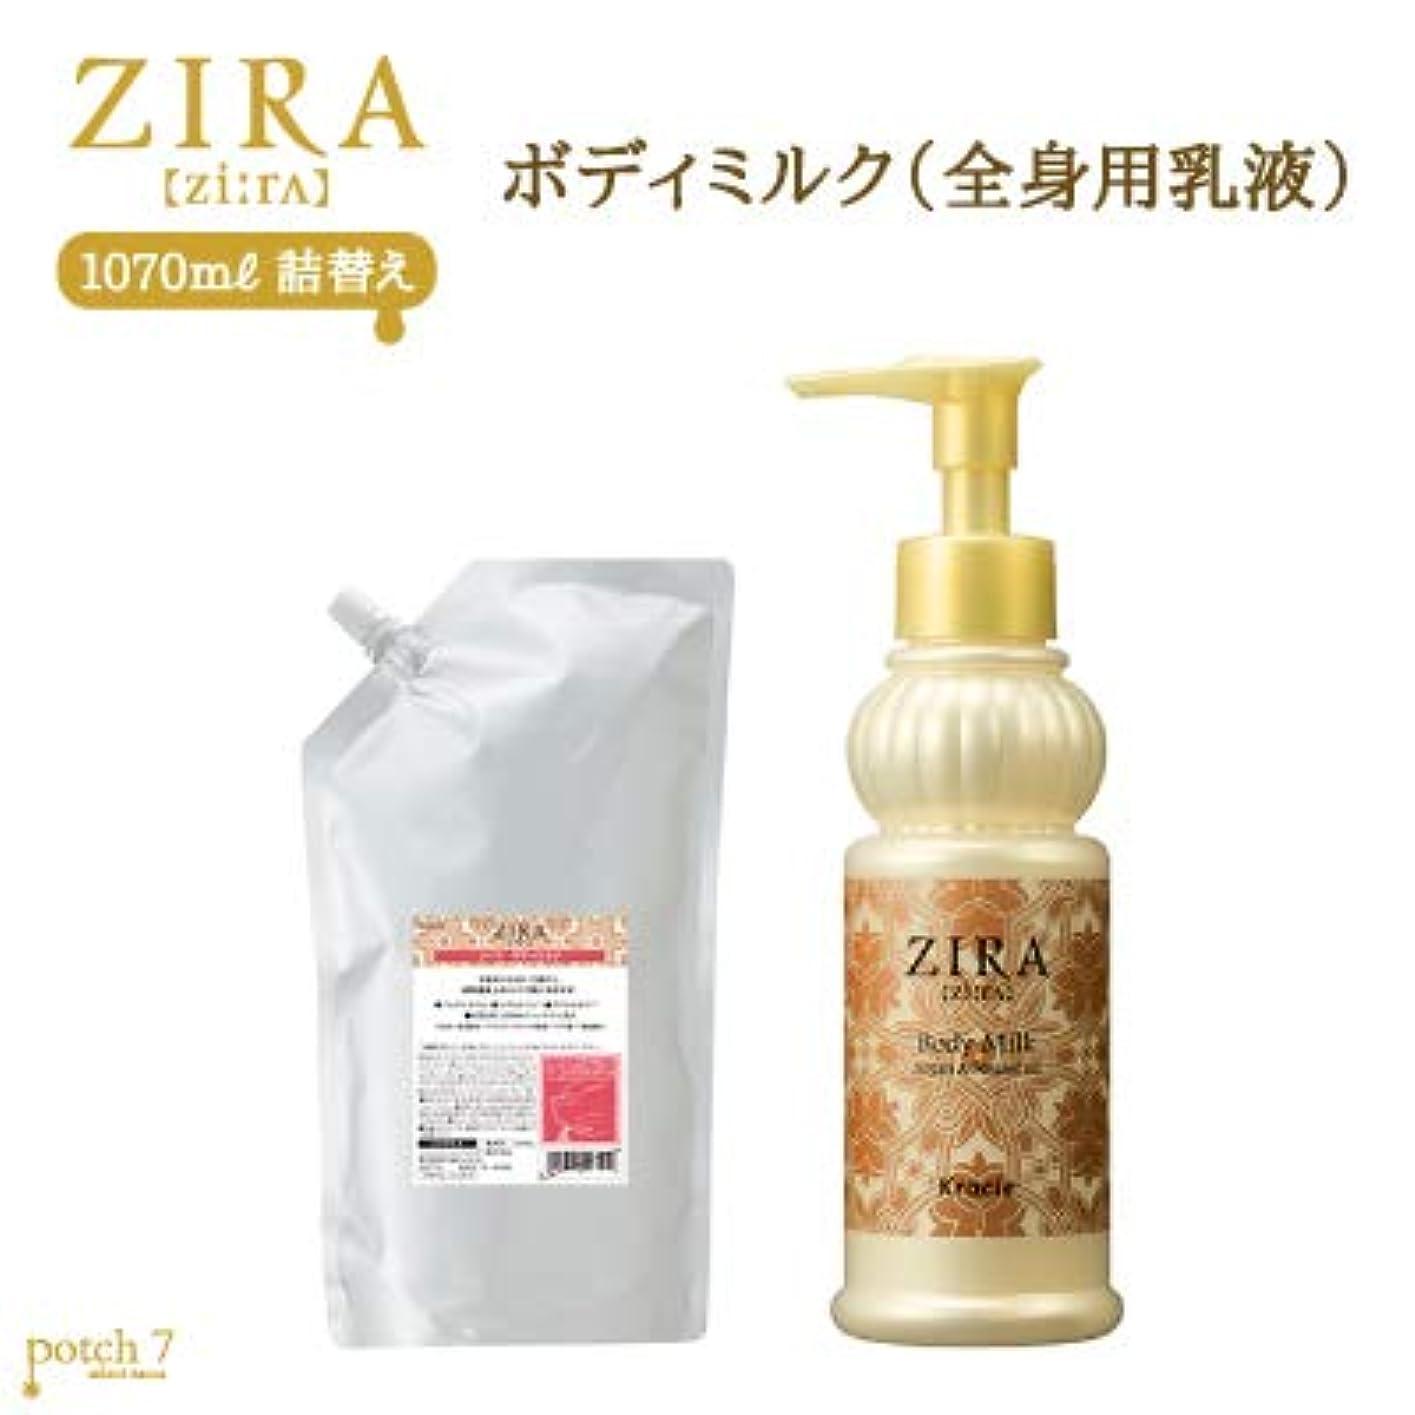 コマース言語学過激派kracie(クラシエ) ZIRA ジーラ ボディミルク 乳液 1070ml 業務用サイズ 詰替え 150ml×1本